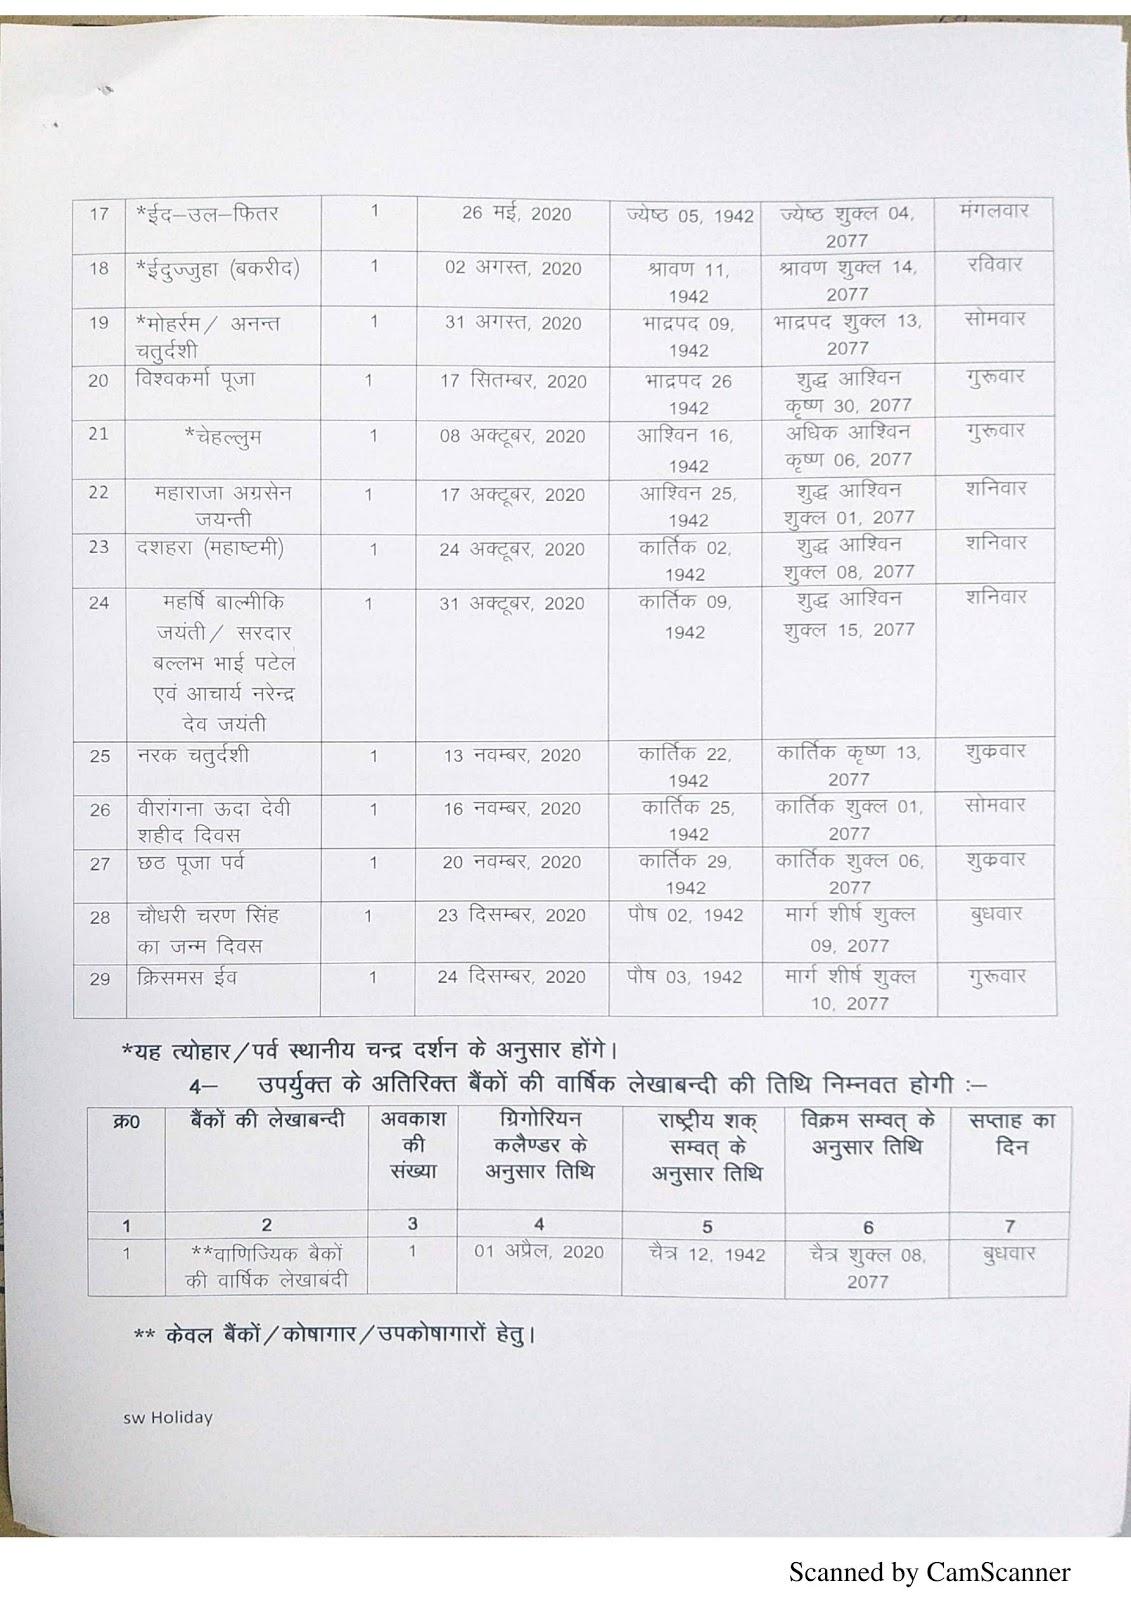 उत्तर प्रदेश शासन की वर्ष 2020 के सार्वजनिक अवकाशों की सूची पीडीएफ में डाउनलोड करें